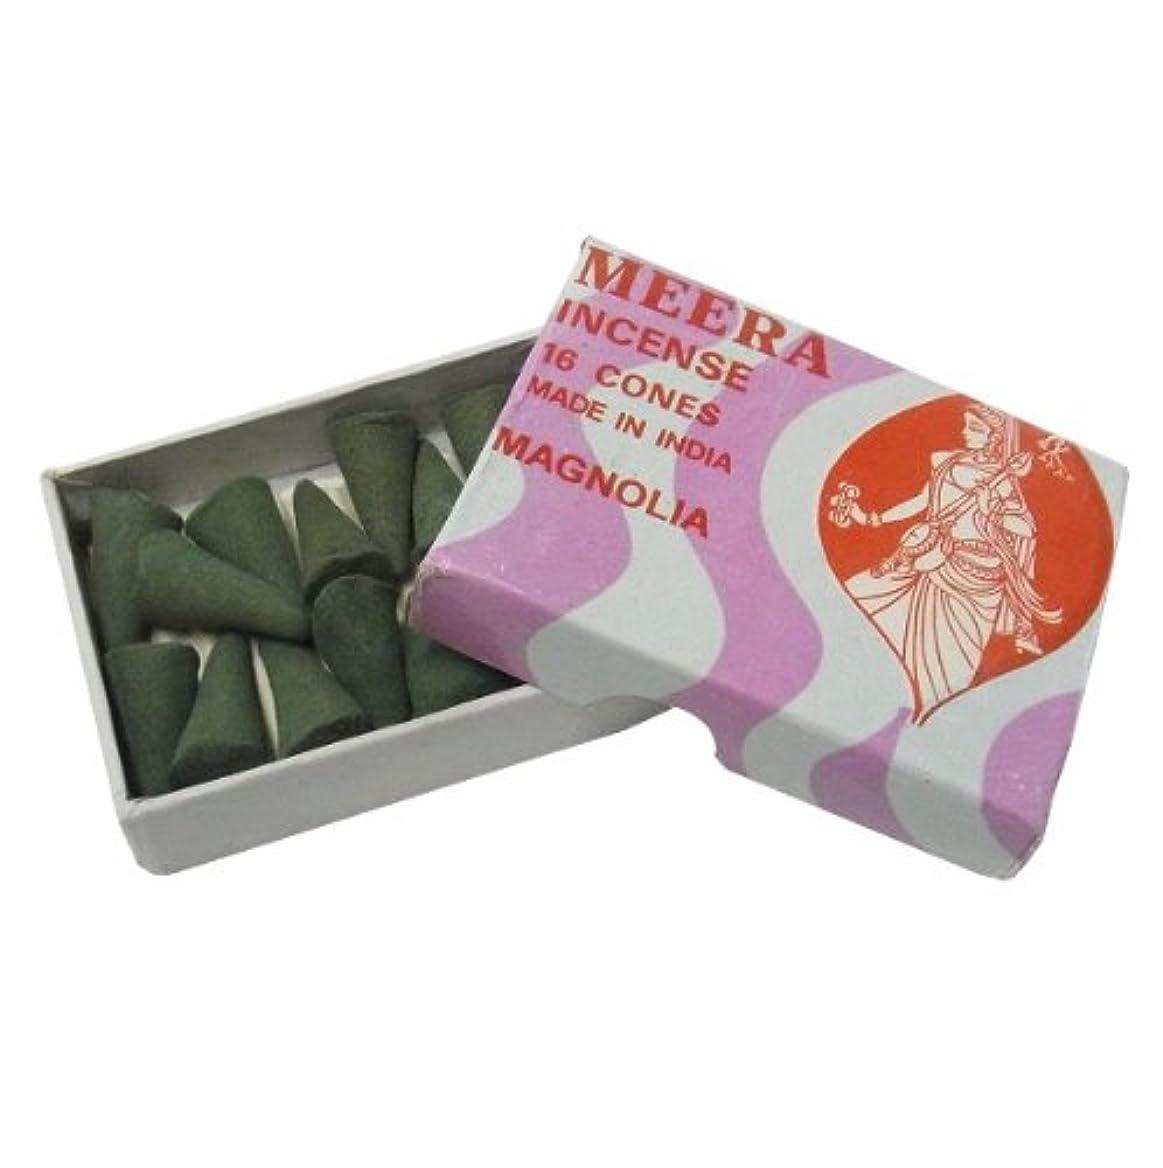 練習したシャープ物理的にマグノリアのお香(MEERA) コーン型お香 インド香